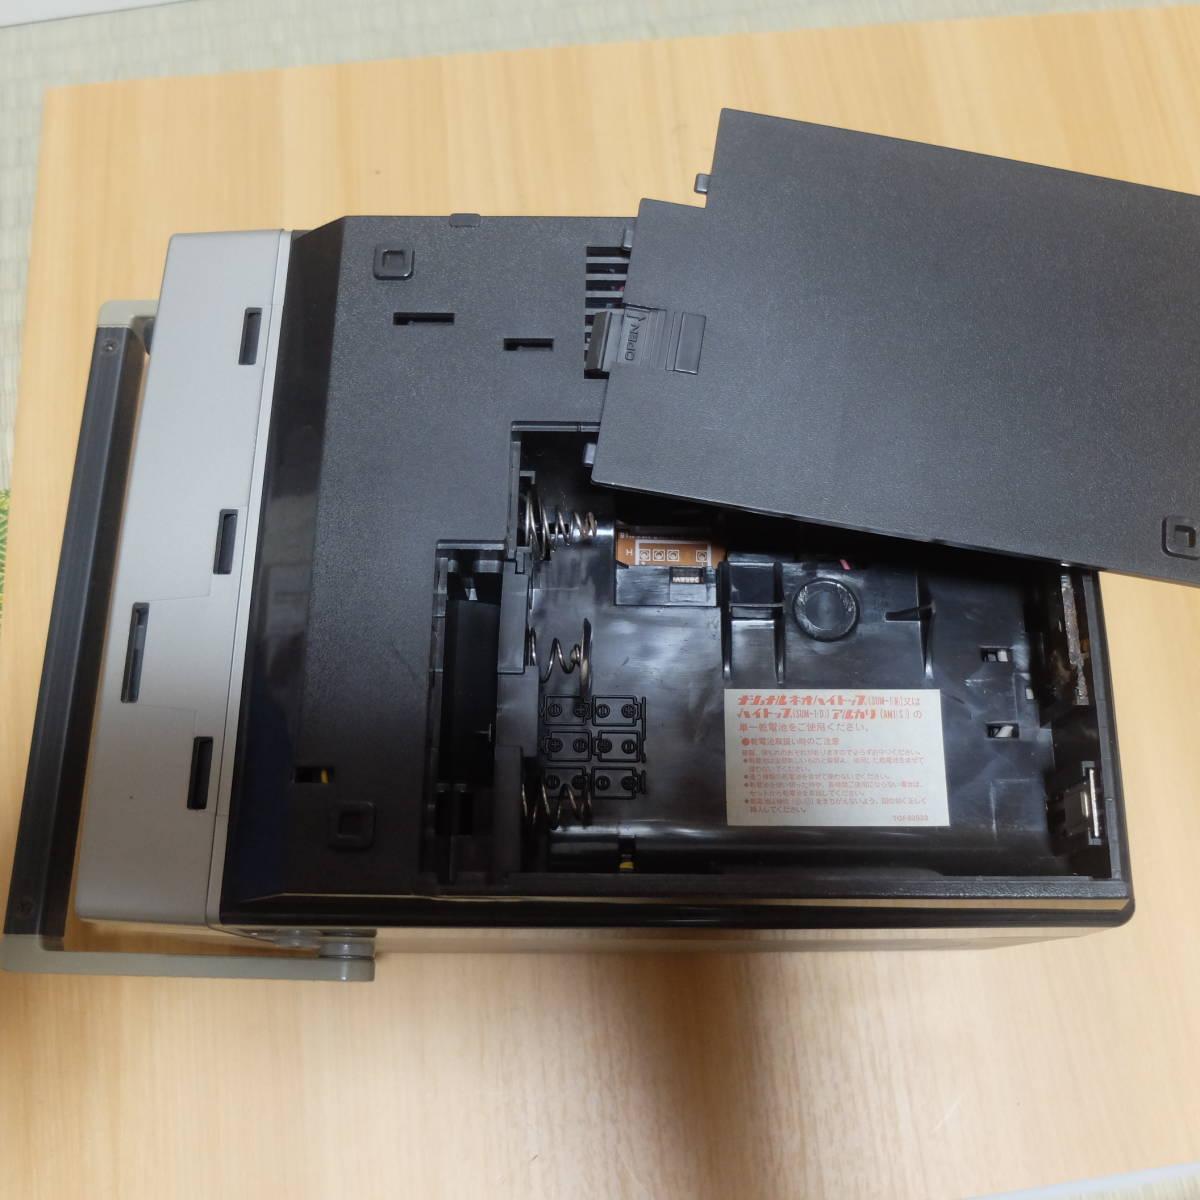 ポータブル 5型 白黒テレビ National ナショナル TR-5090 レトロ品 アンティーク_画像5